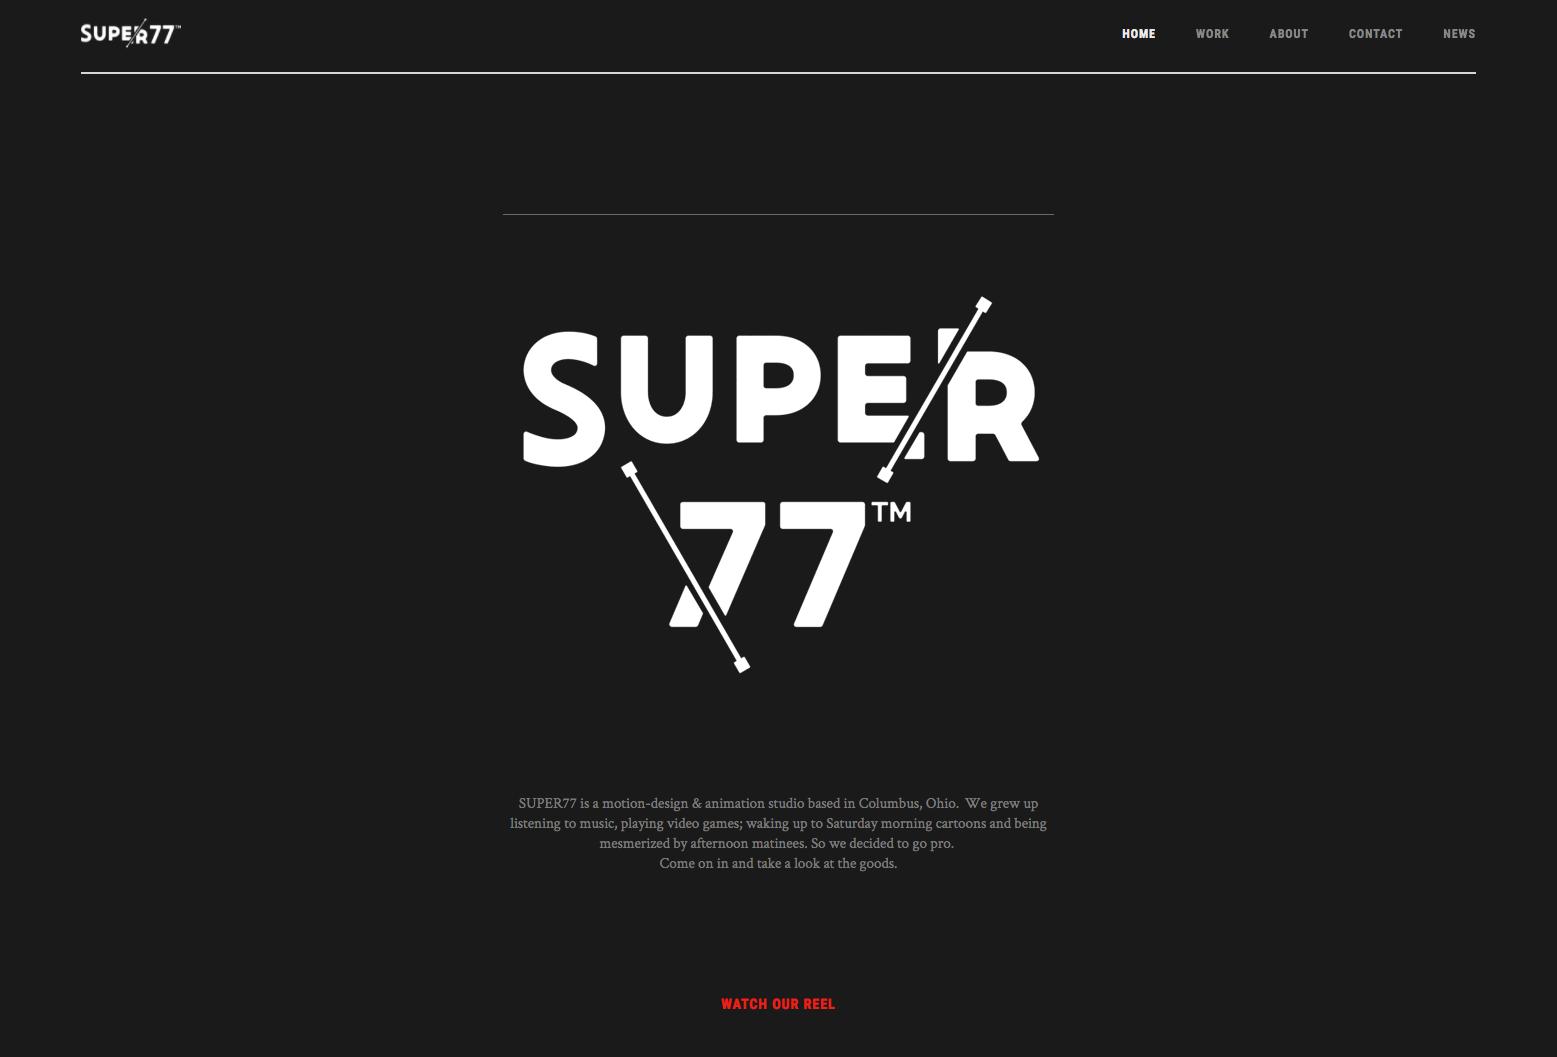 Super77 agency website homepage